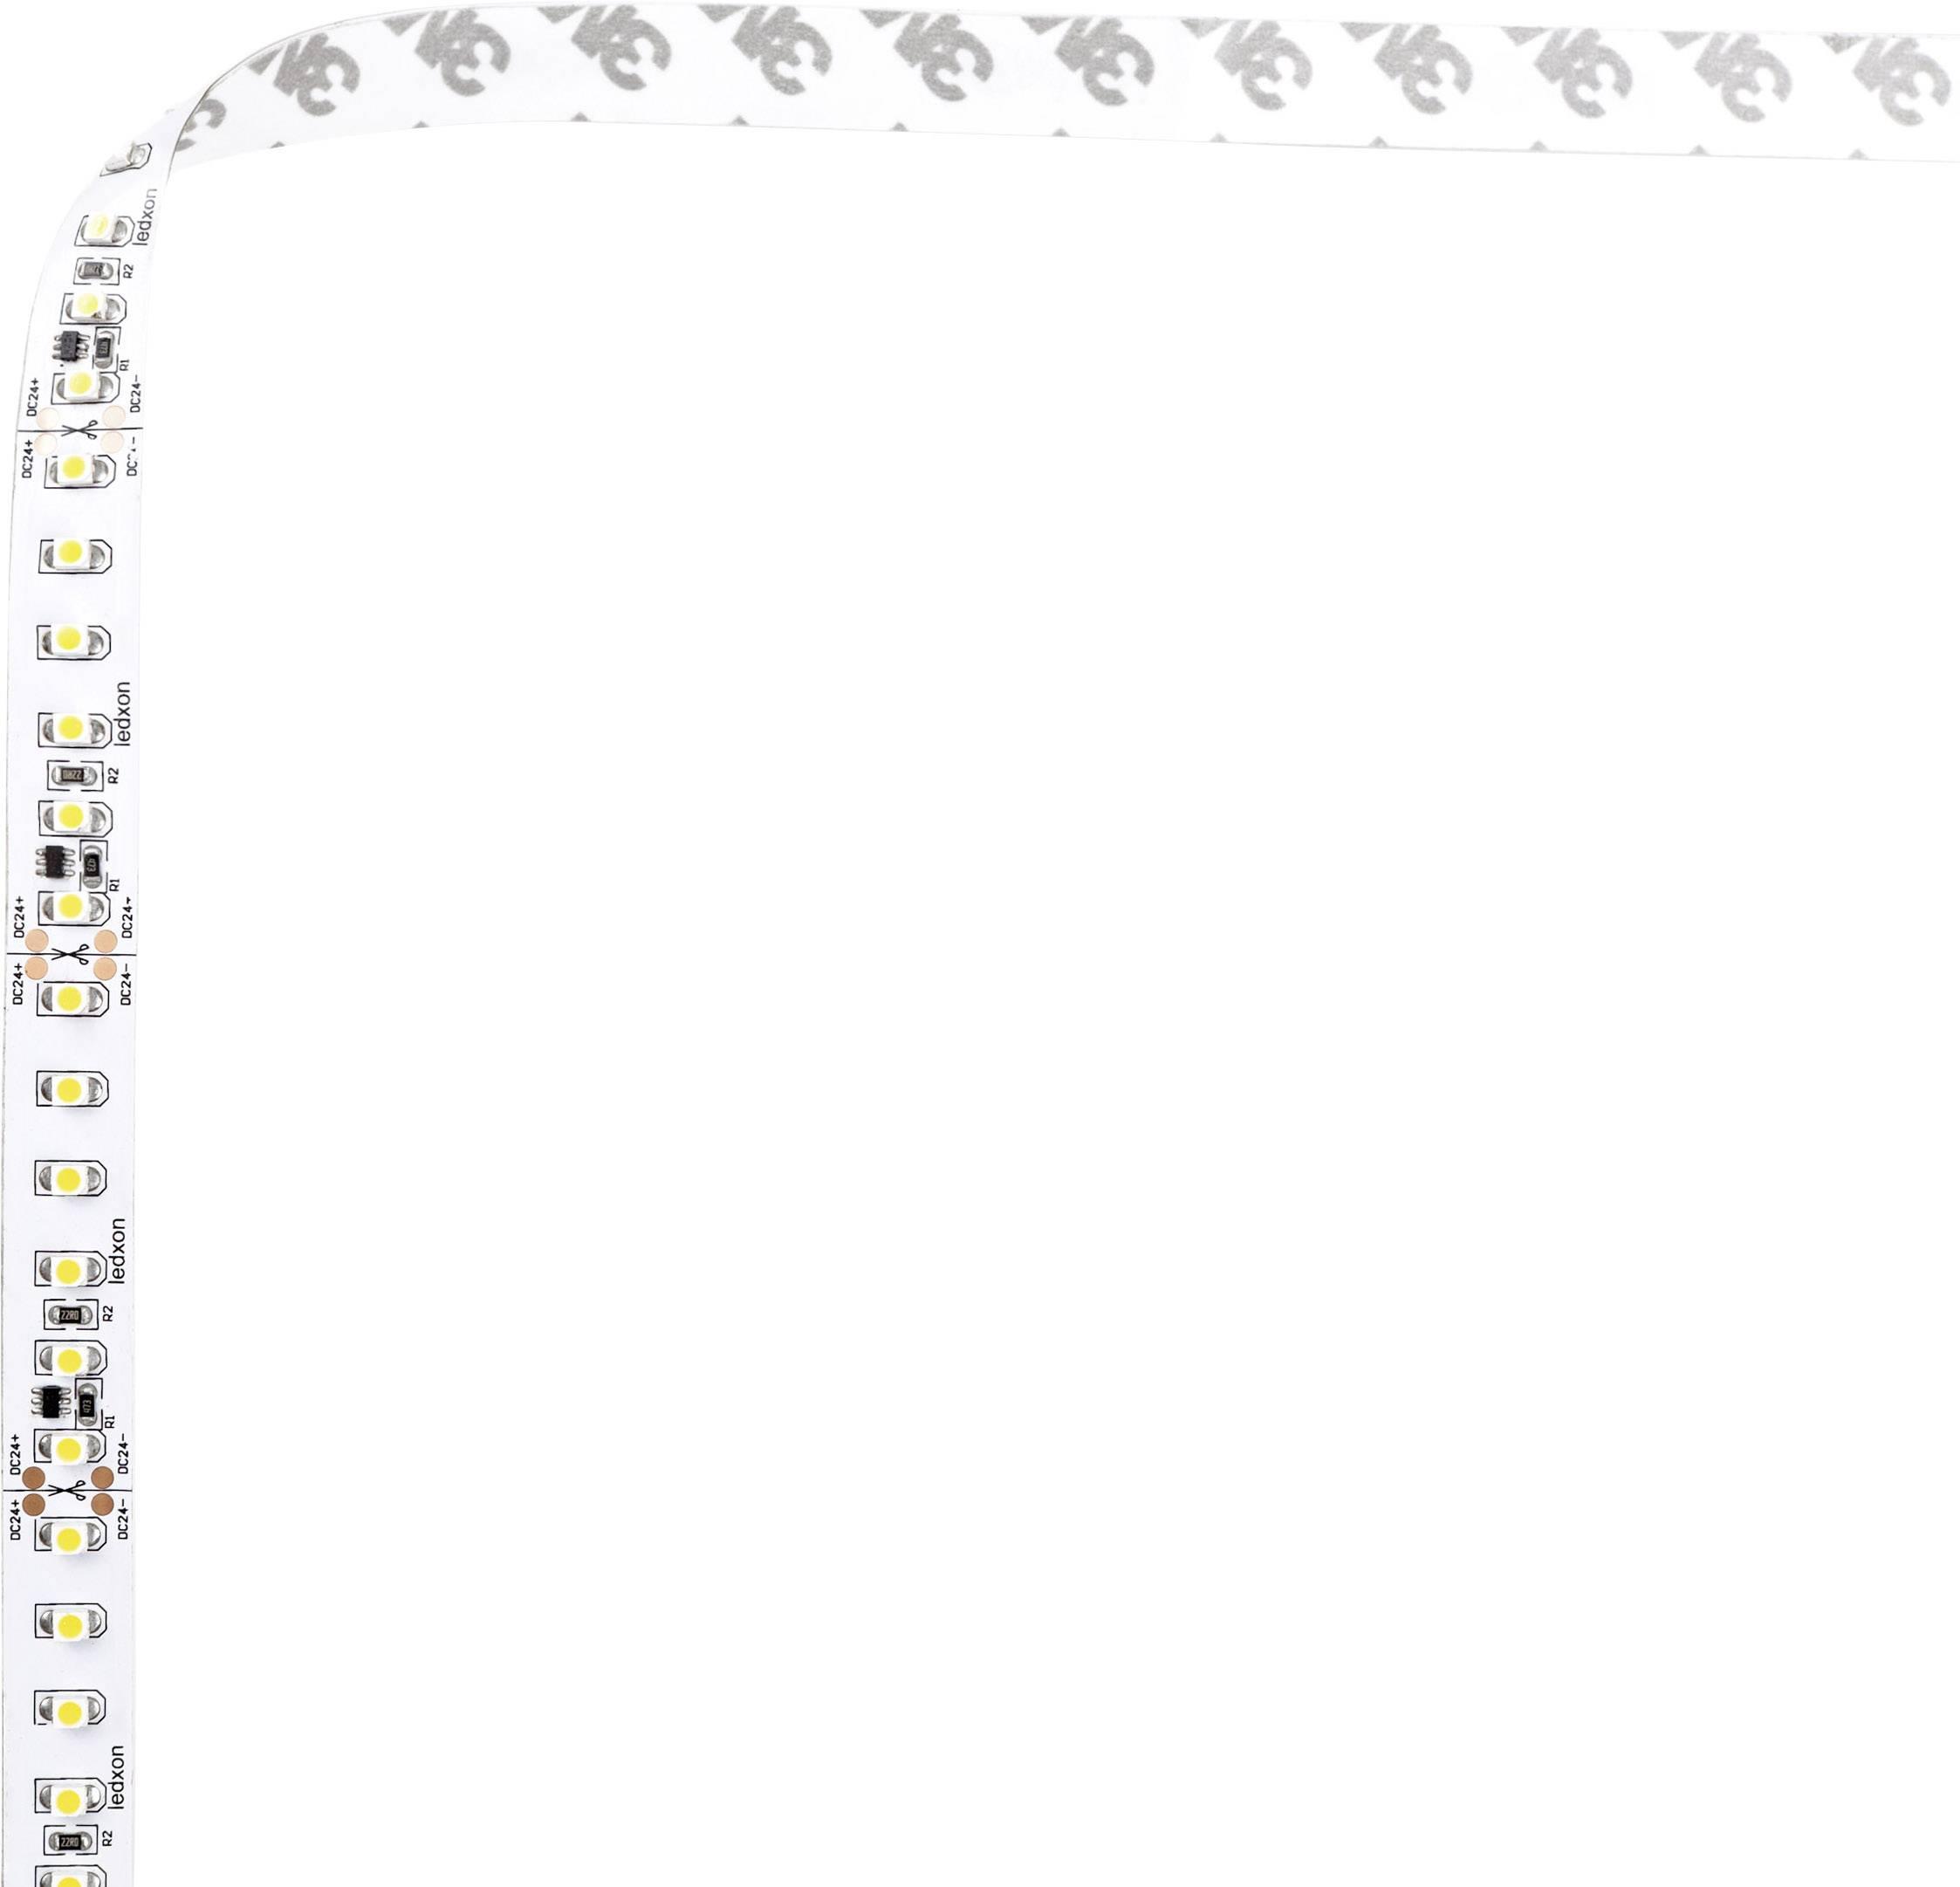 LED pásek ledxon Single SMD 120 LED IC IP20, ww 2400K 9009314, 24 V, teplá bílá, 5 cm